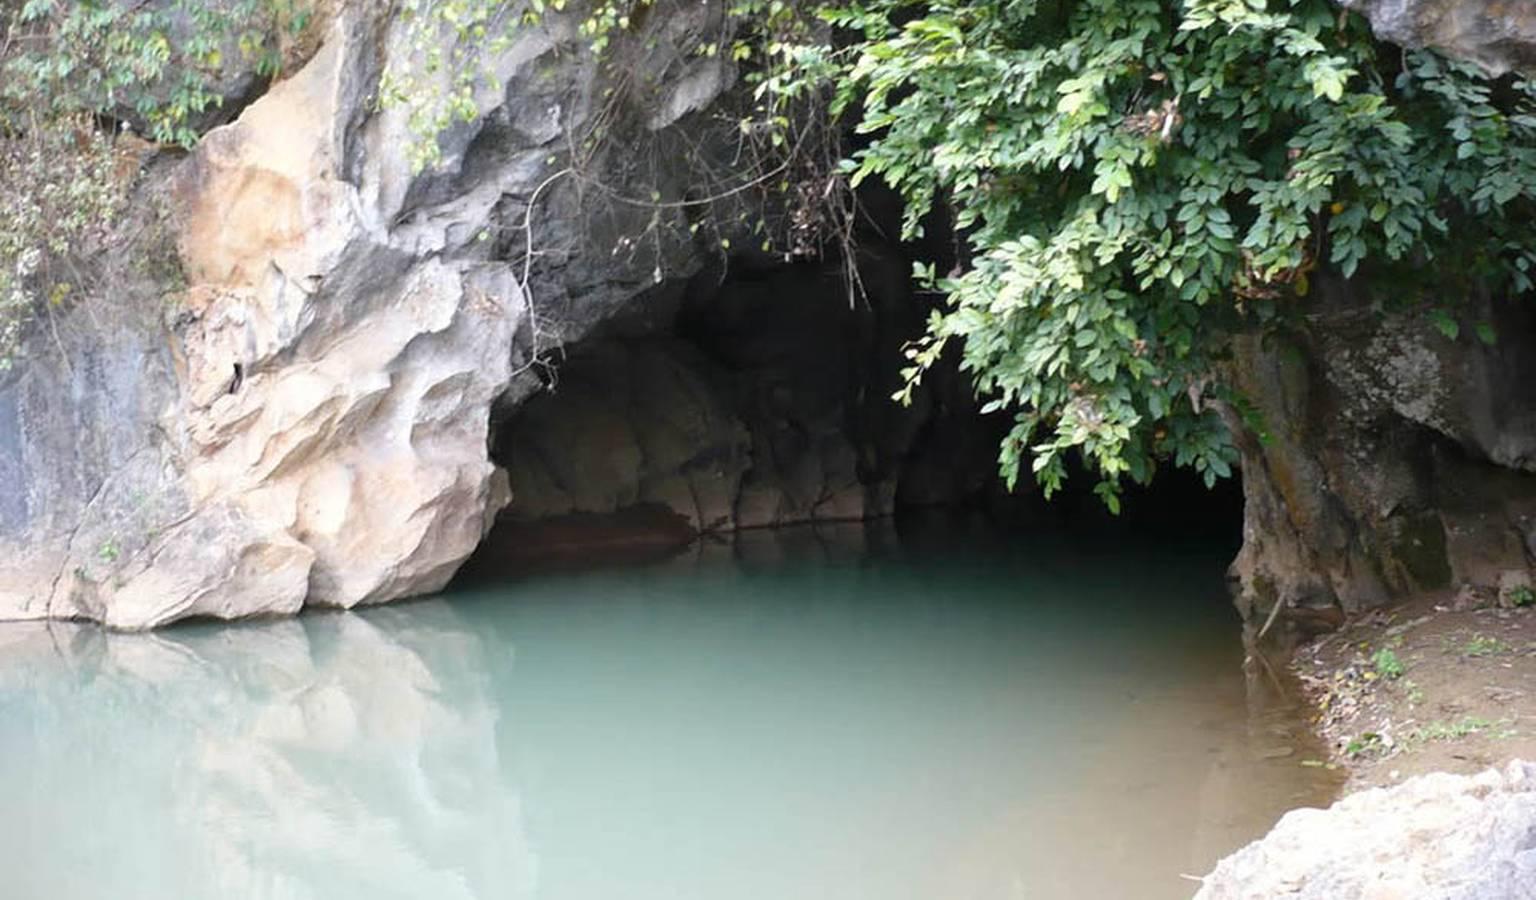 Ngoài cửa hang Thẩm Tét Toòng nước dâng cao, trên vách hang mọc nhiều cây xanh